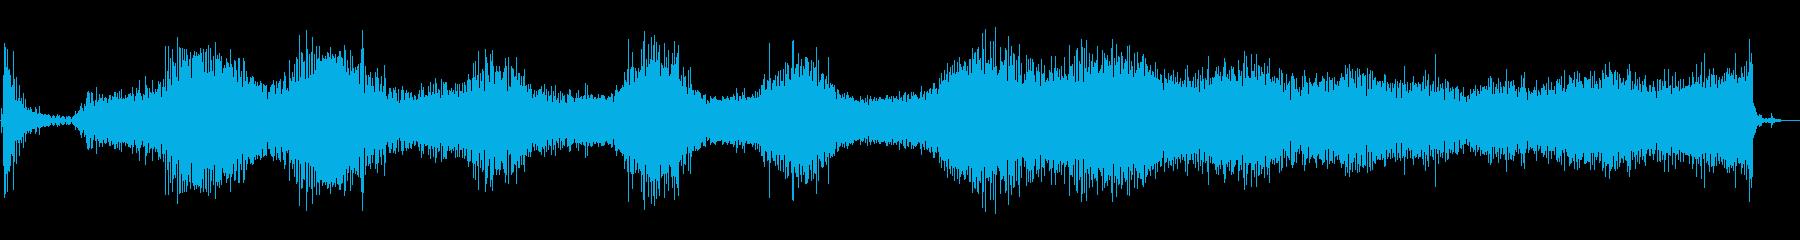 パワースプレーウォッシャー:スプレ...の再生済みの波形